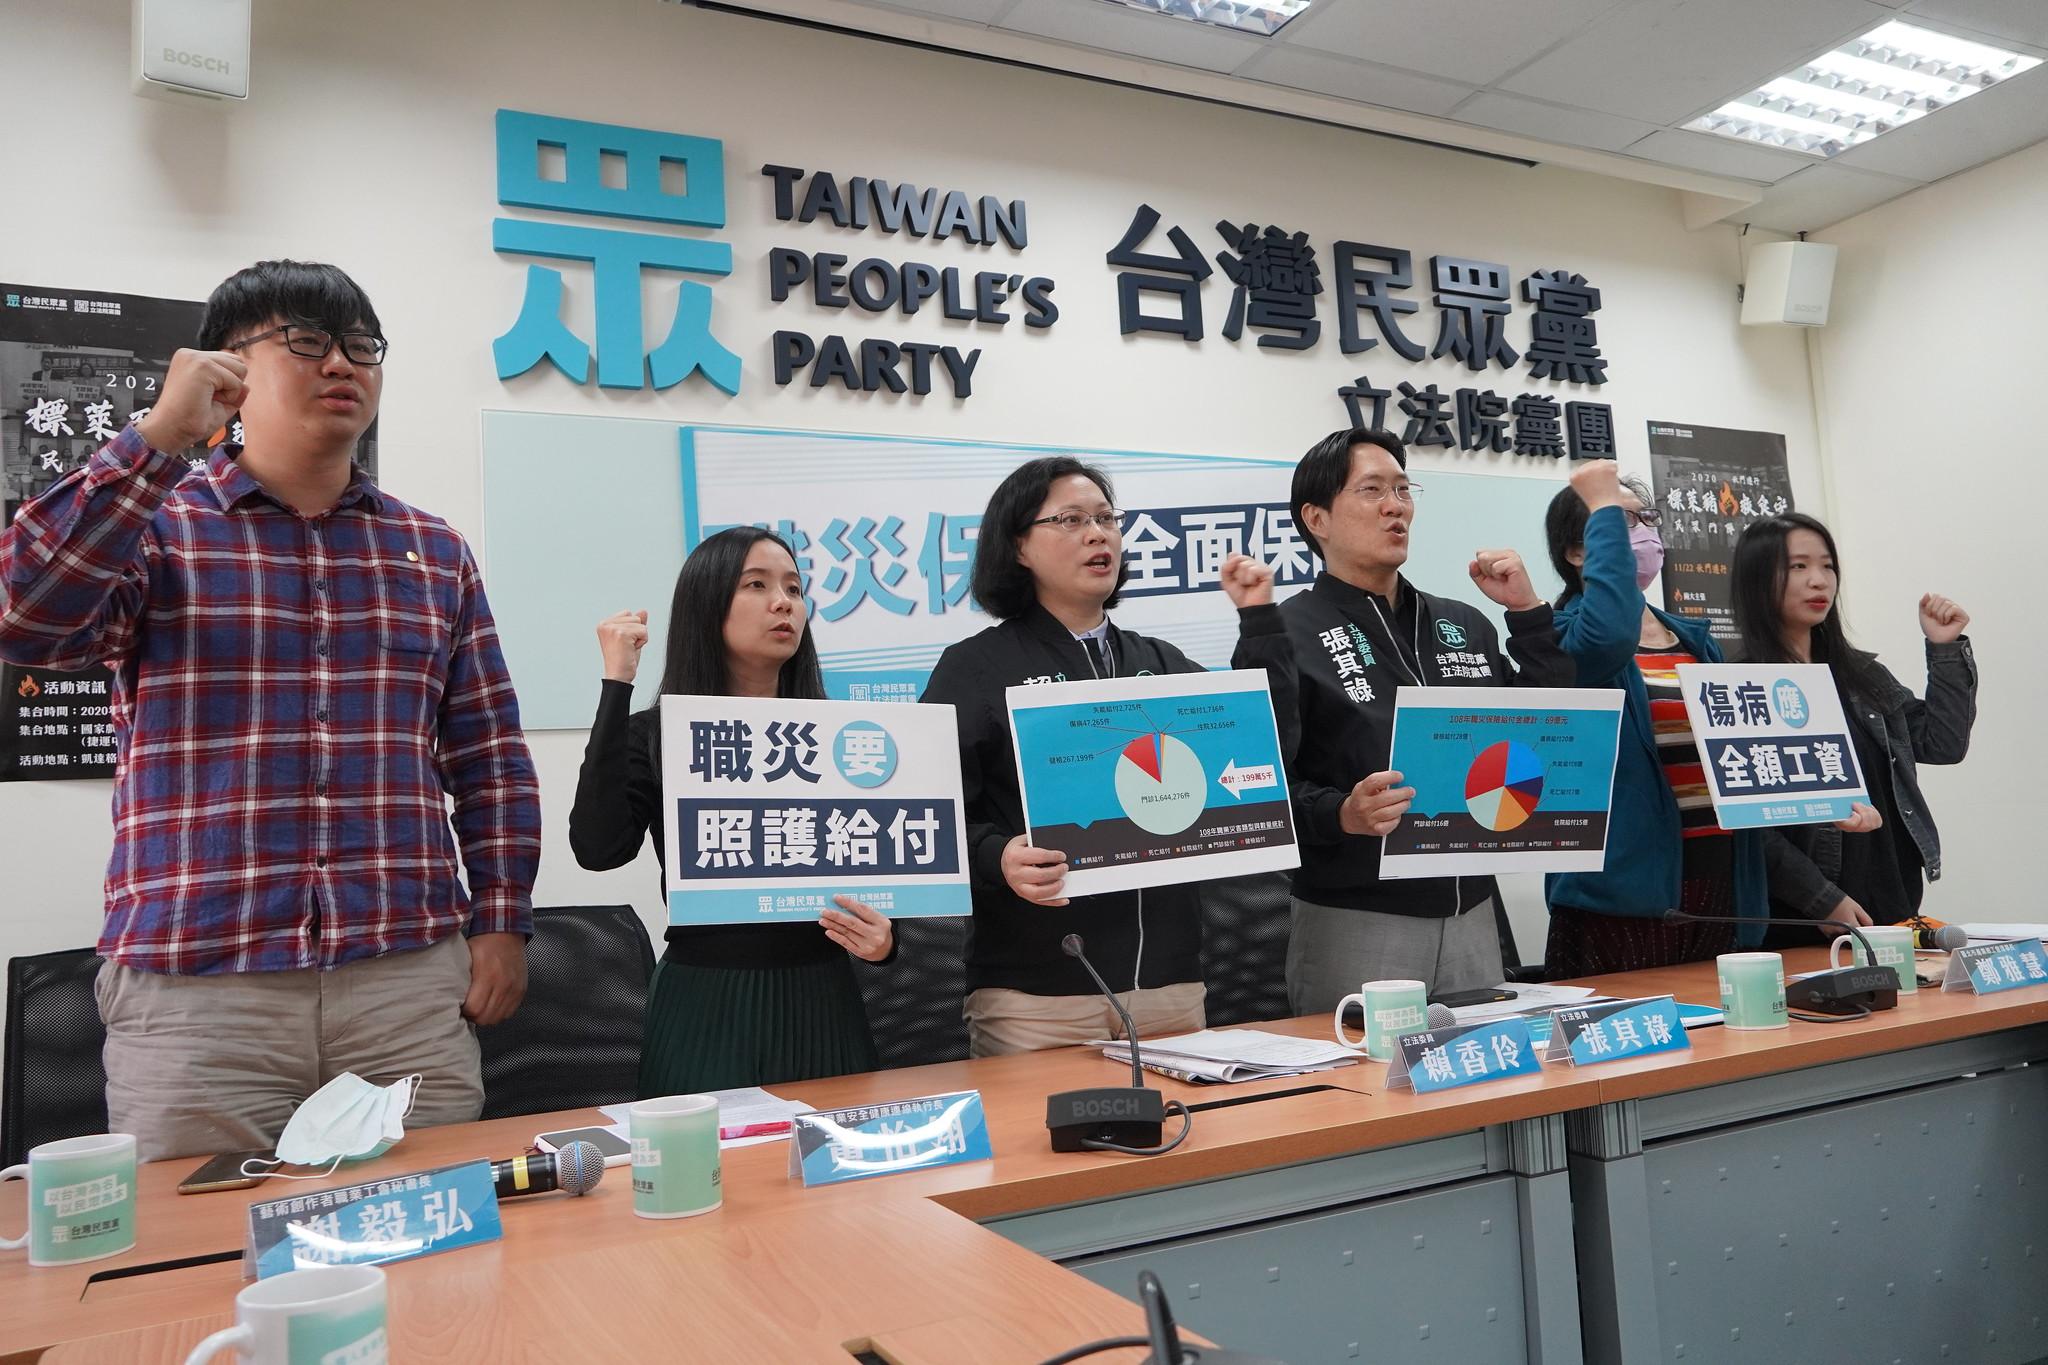 民眾黨偕同勞團召開記者會,呼籲盡快通過「職災保險法」。(攝影:張智琦)